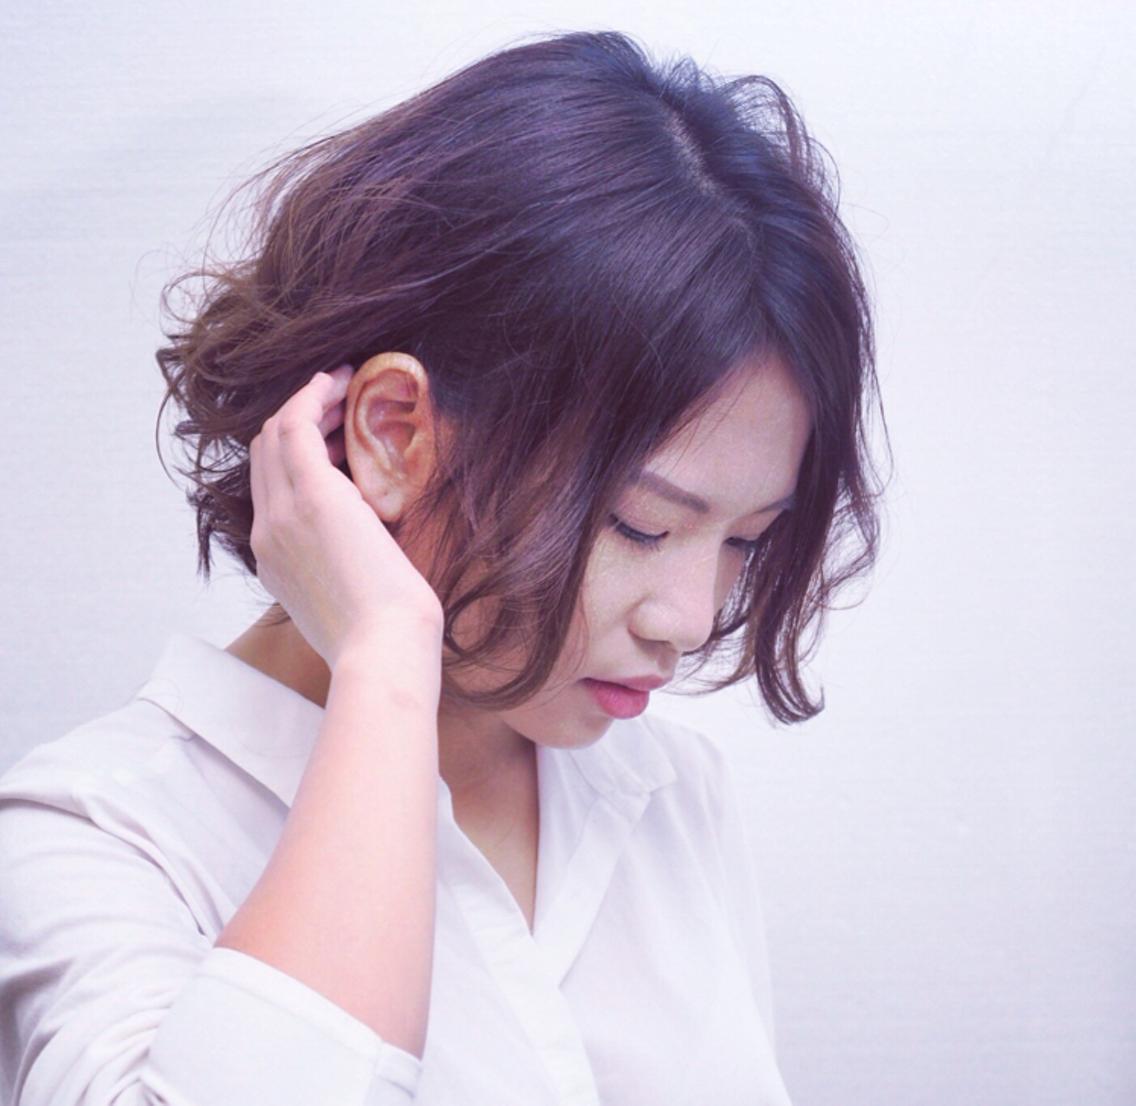 【北千住】平日、夜8時半から女性撮影モデルを募集しています!お気軽にどうぞ(^^)